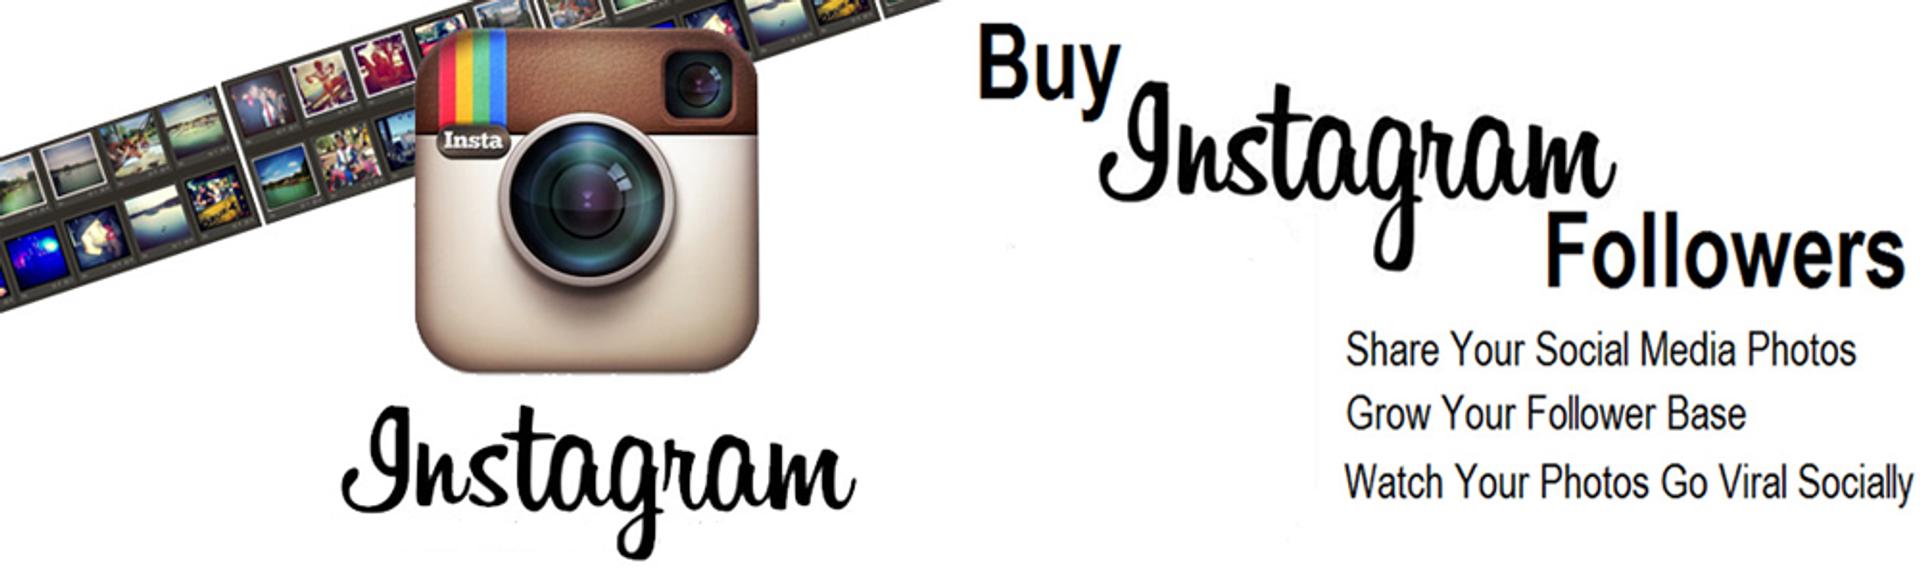 Gain Instagram followers!